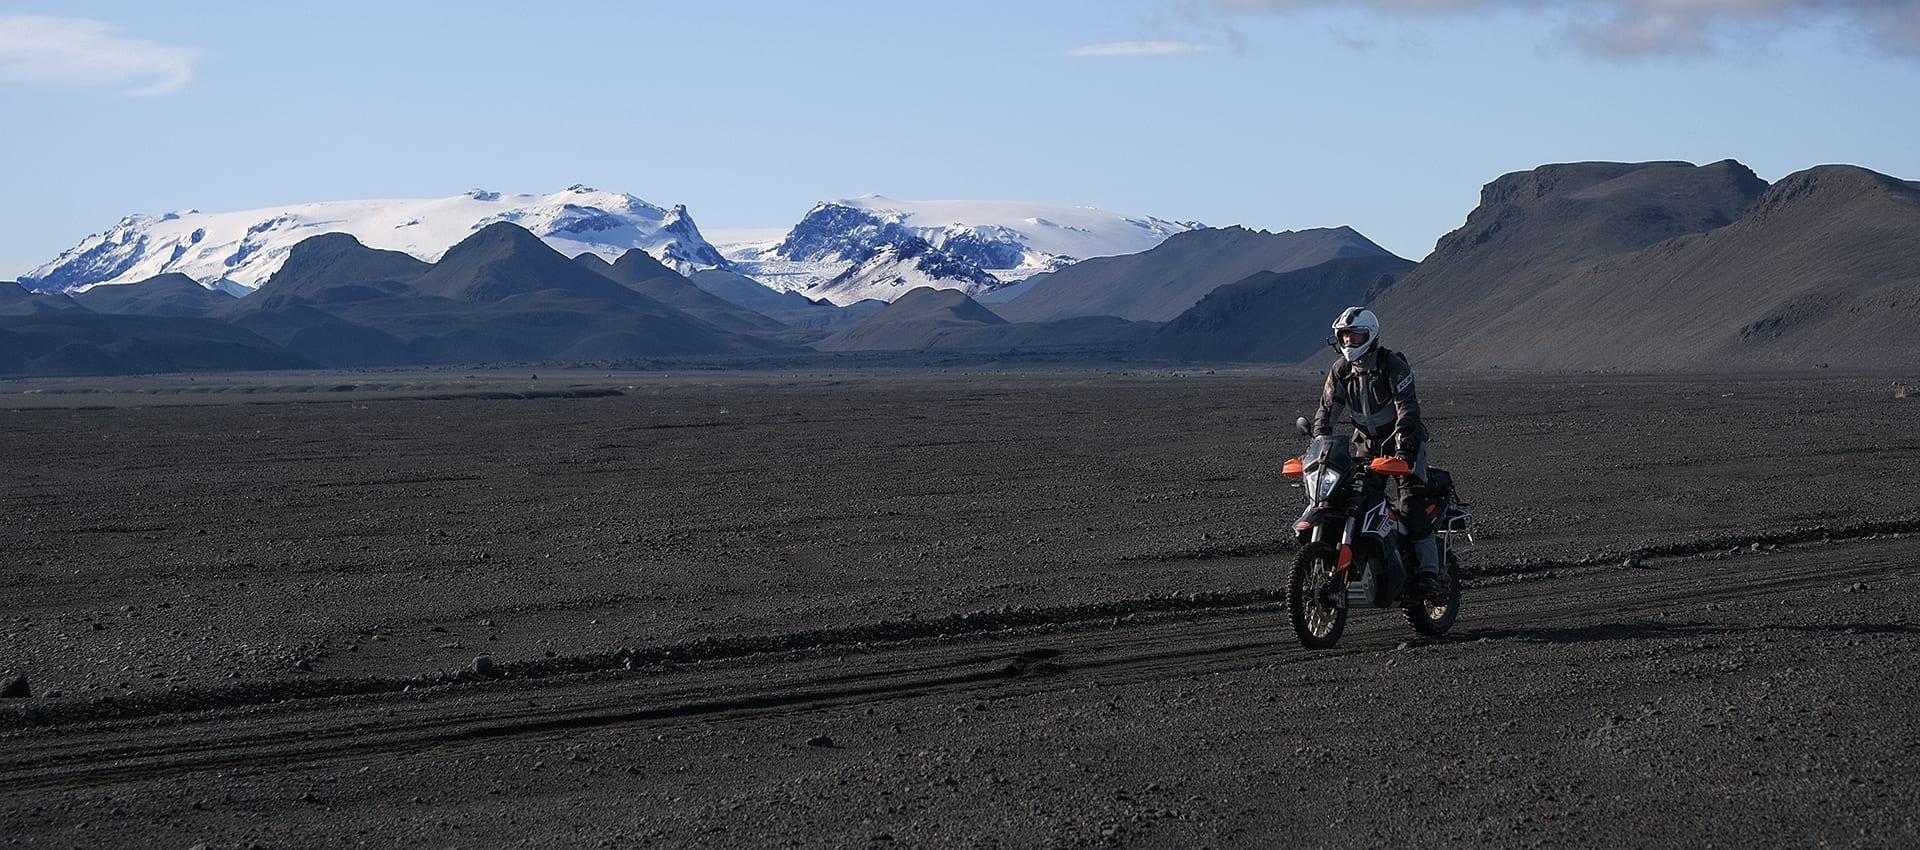 Een beeldimpressie in 56 foto's van onze Trans Iceland Motor Challenge dwars door IJsland